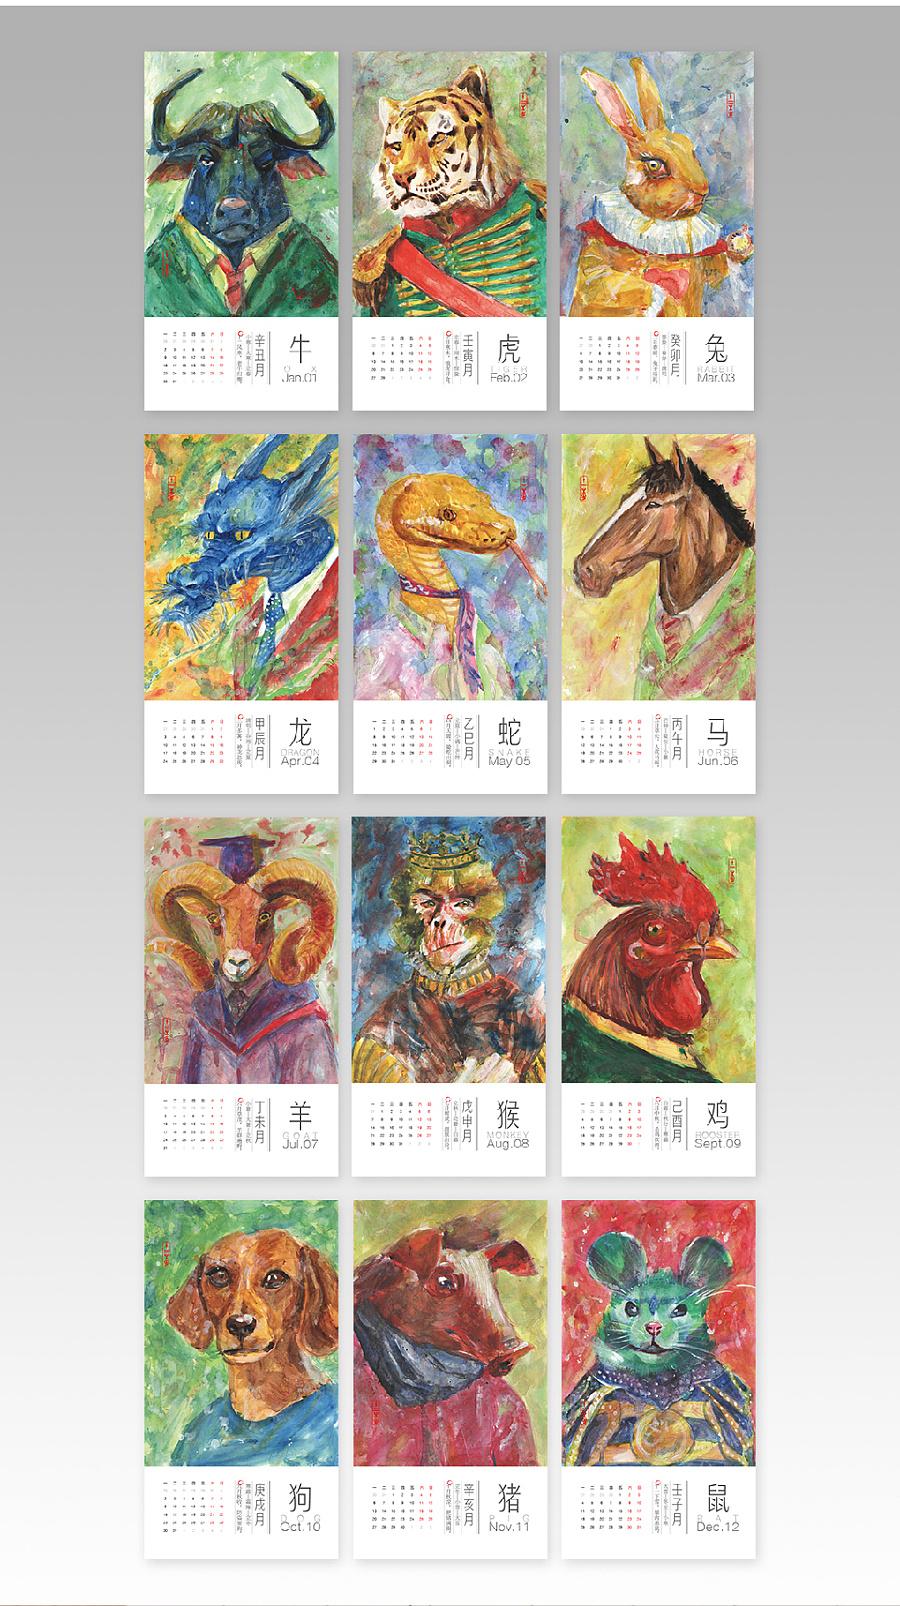 查看《天干地支十二生肖2017鸡年台历》原图,原图尺寸:960x1713